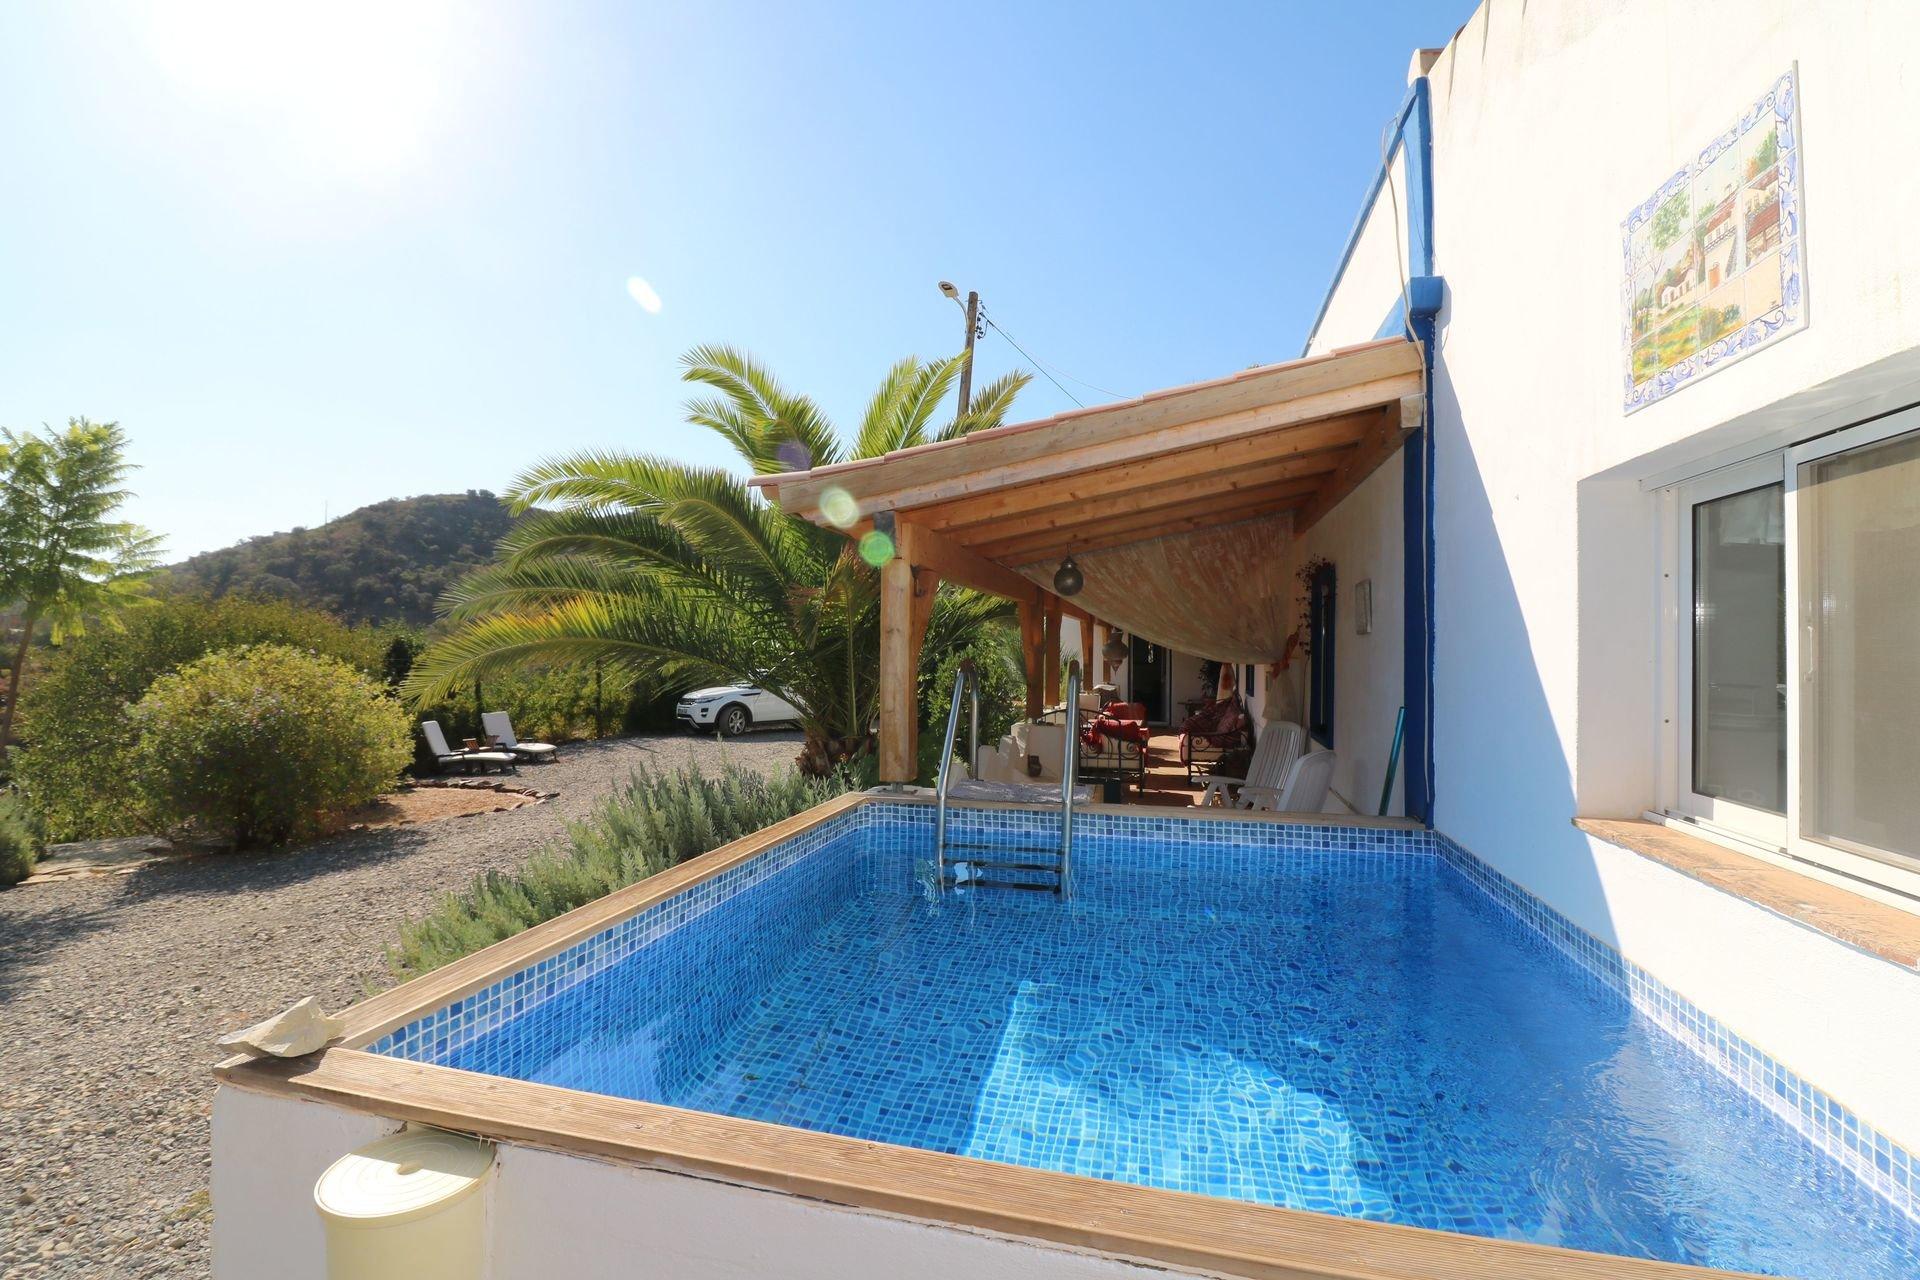 4 Bedroom Villa Tavira, Eastern Algarve Ref: JV10293